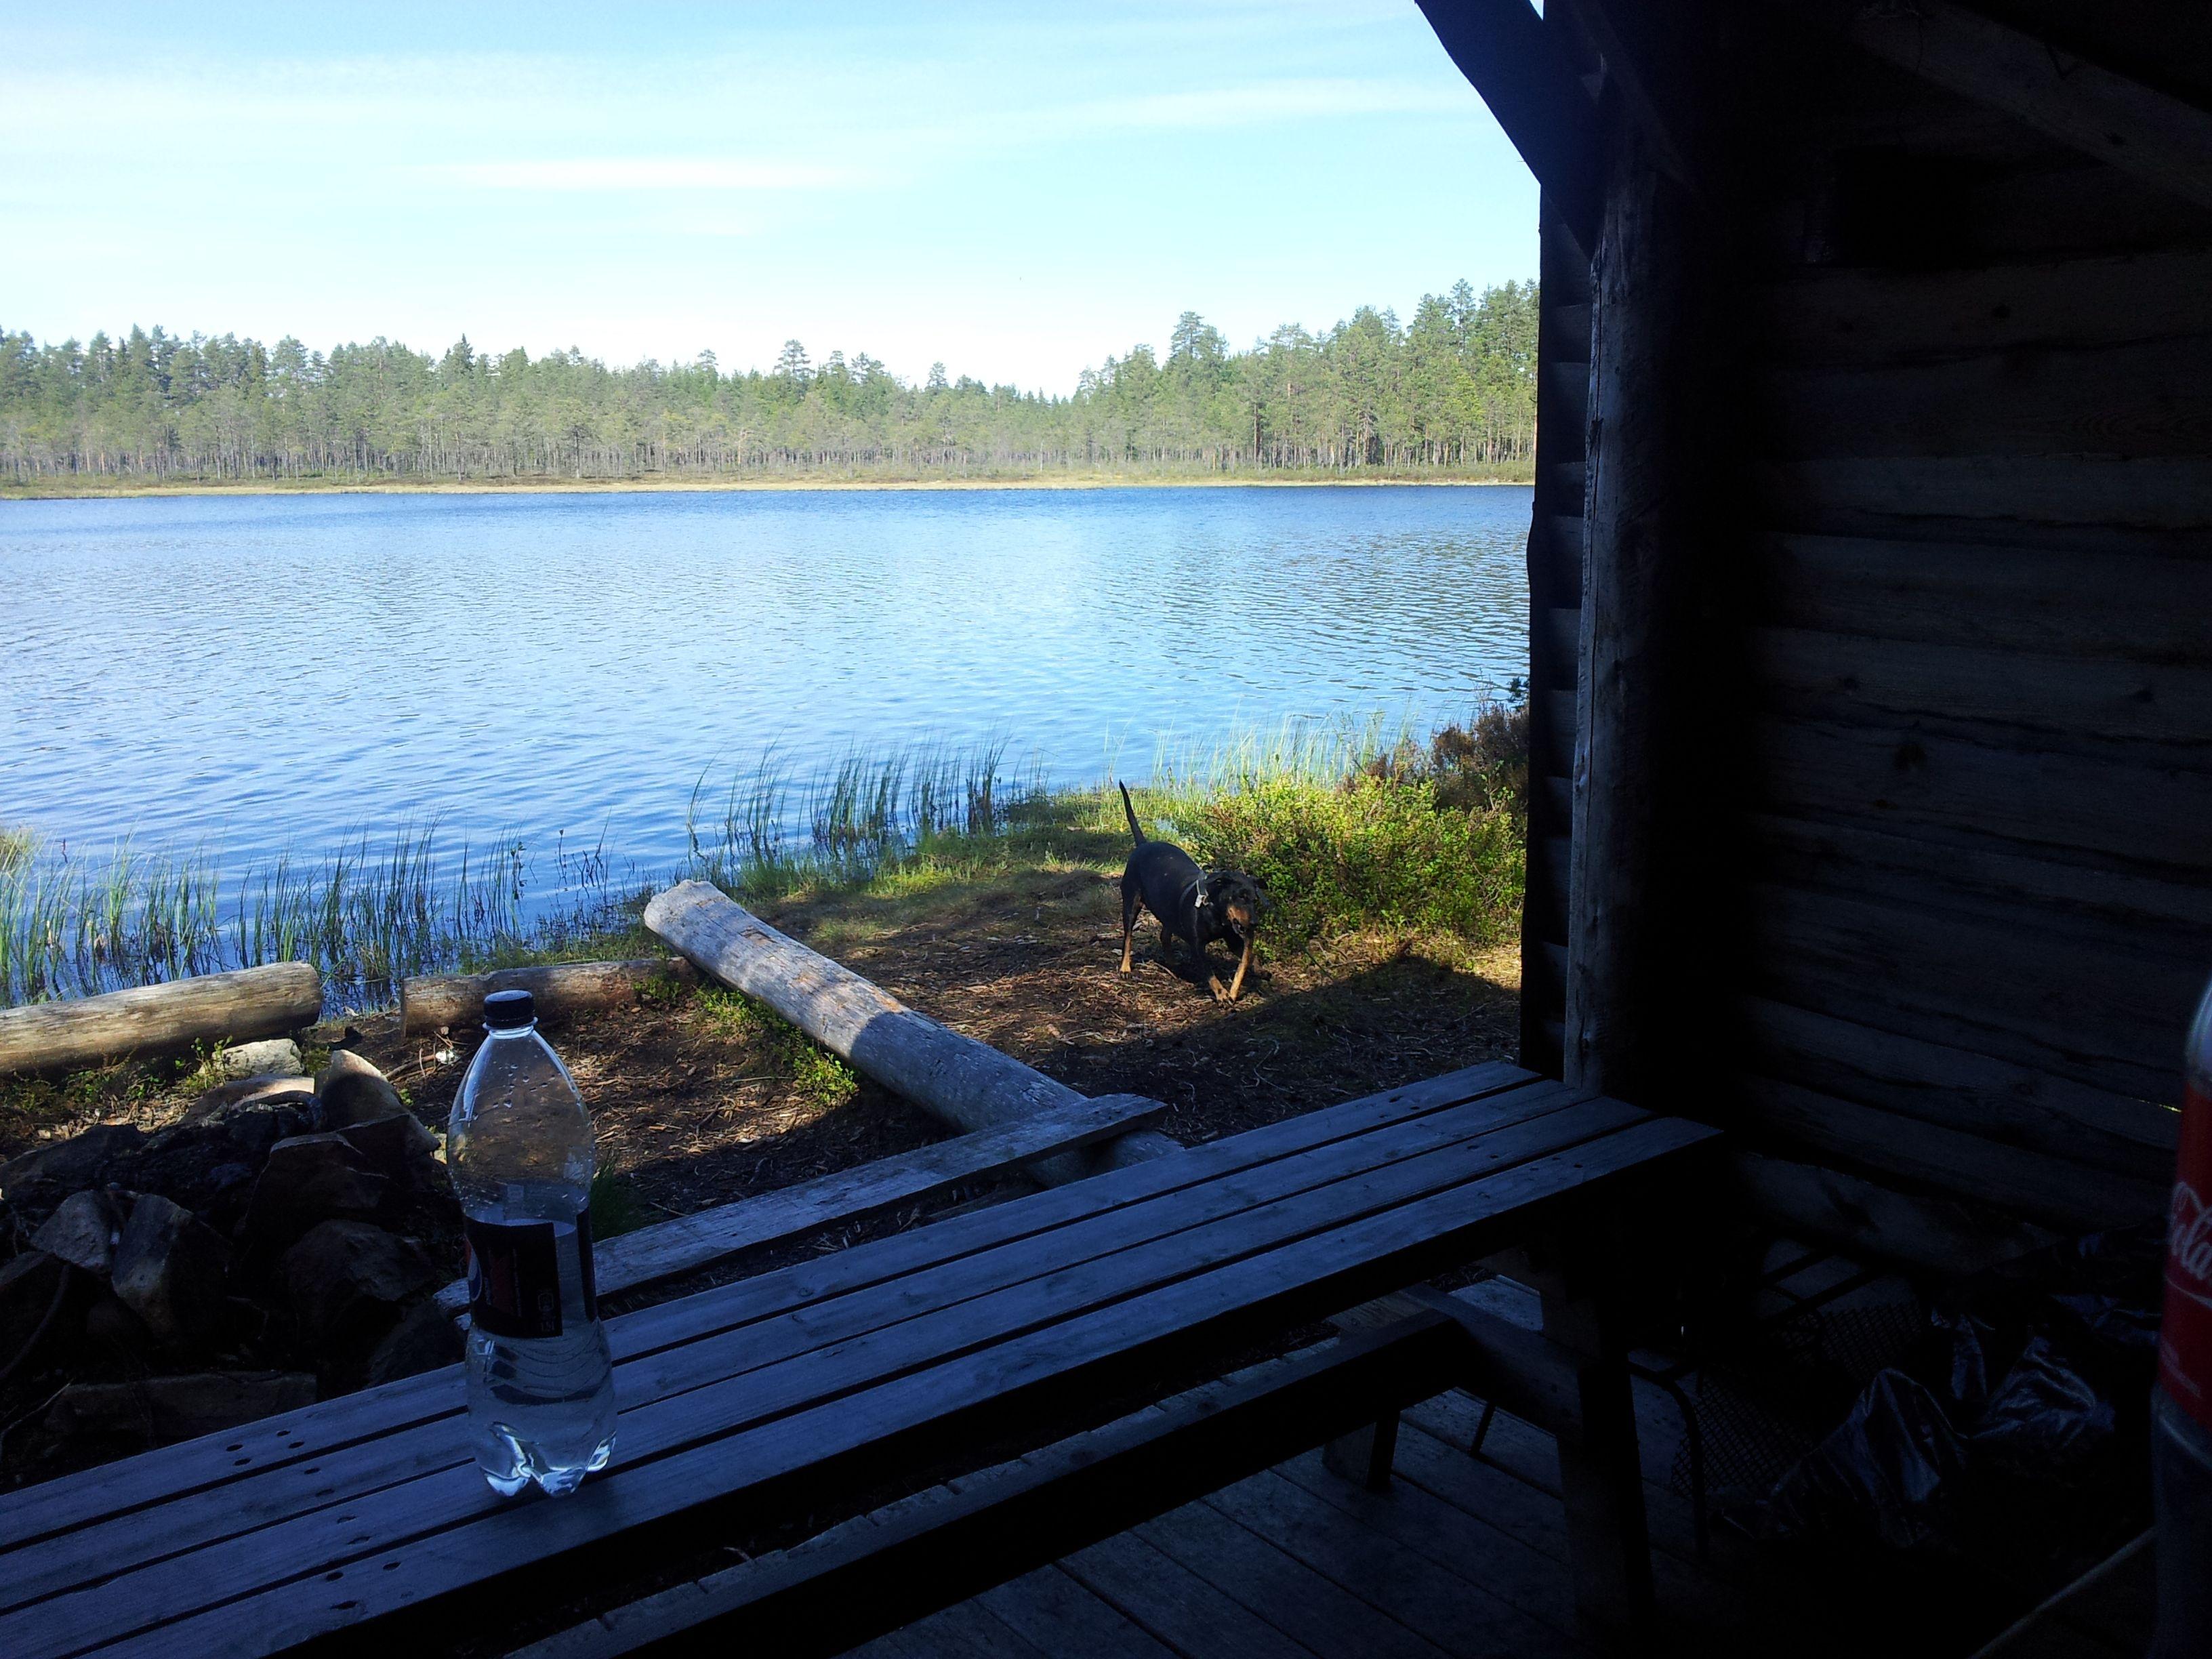 ut no kart Jøstjernet. #Tjennrunden. #Mosjømarka. #Løten. #Gapahuken #Sverres  ut no kart